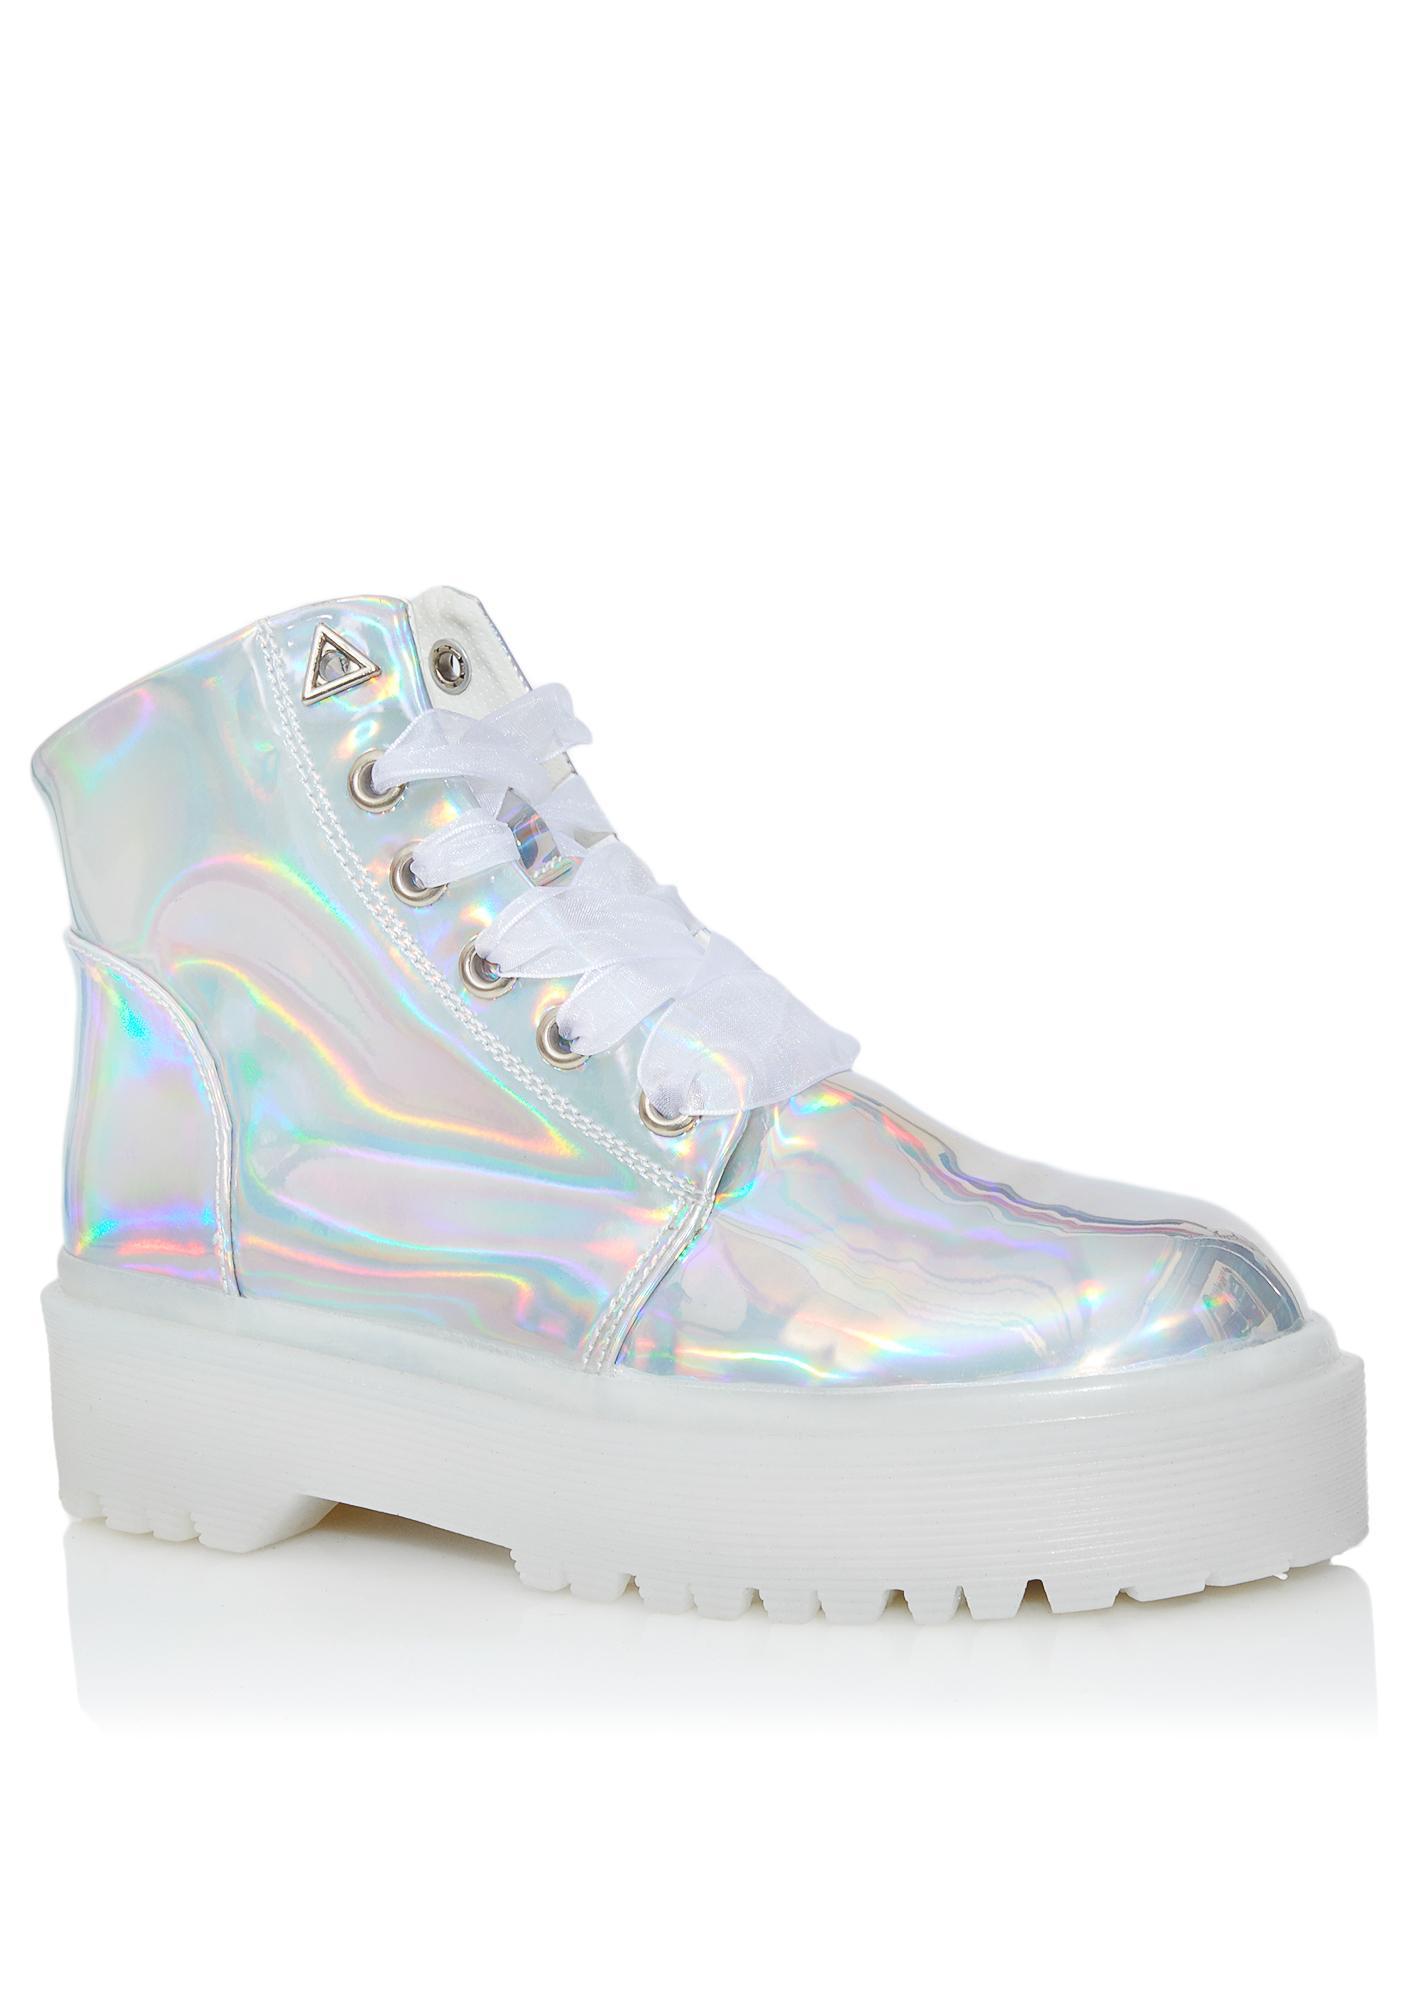 Y.R.U. Hologram Slayr Boots